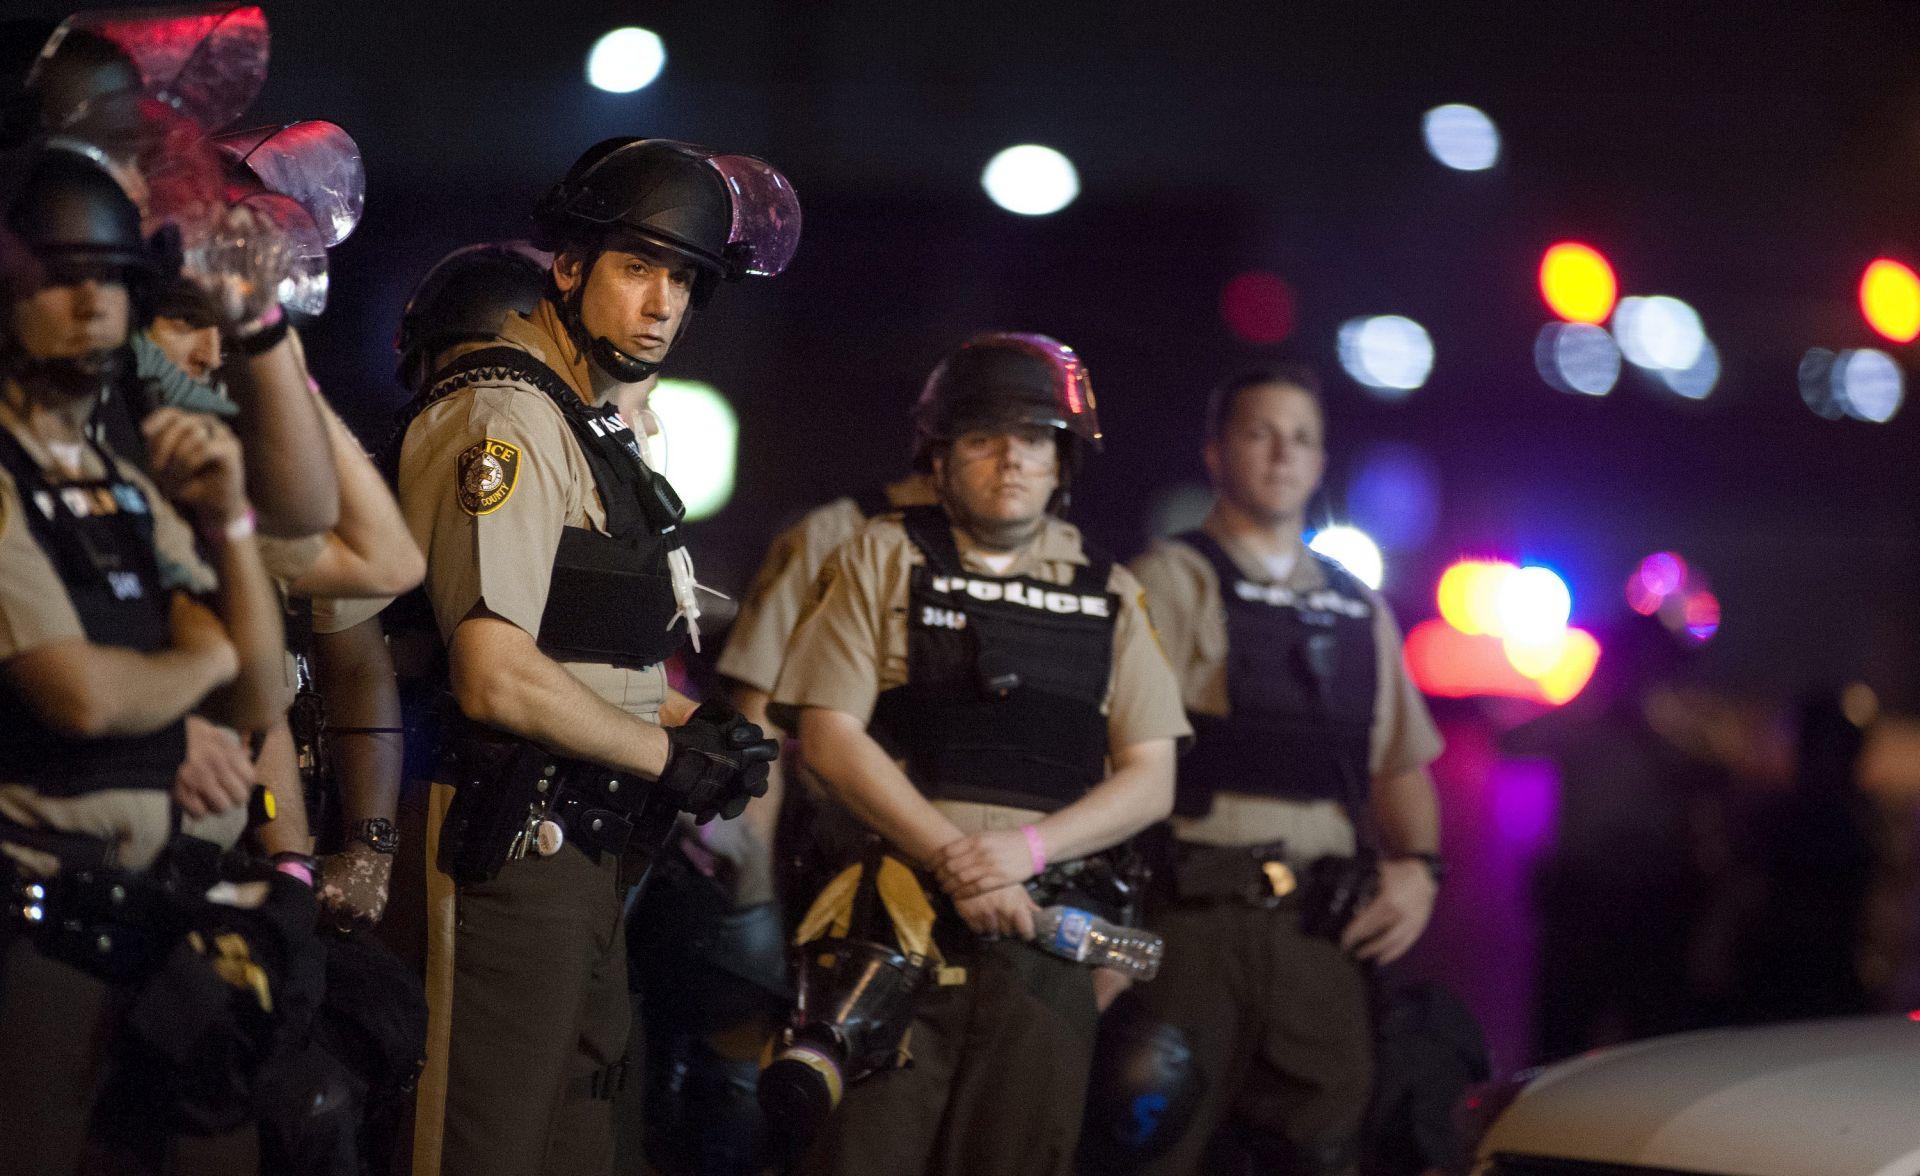 TEŠKO RANJEN 18-GODIŠNJAK Nakon pucnjave izvanredno stanje u Saint-Louisu